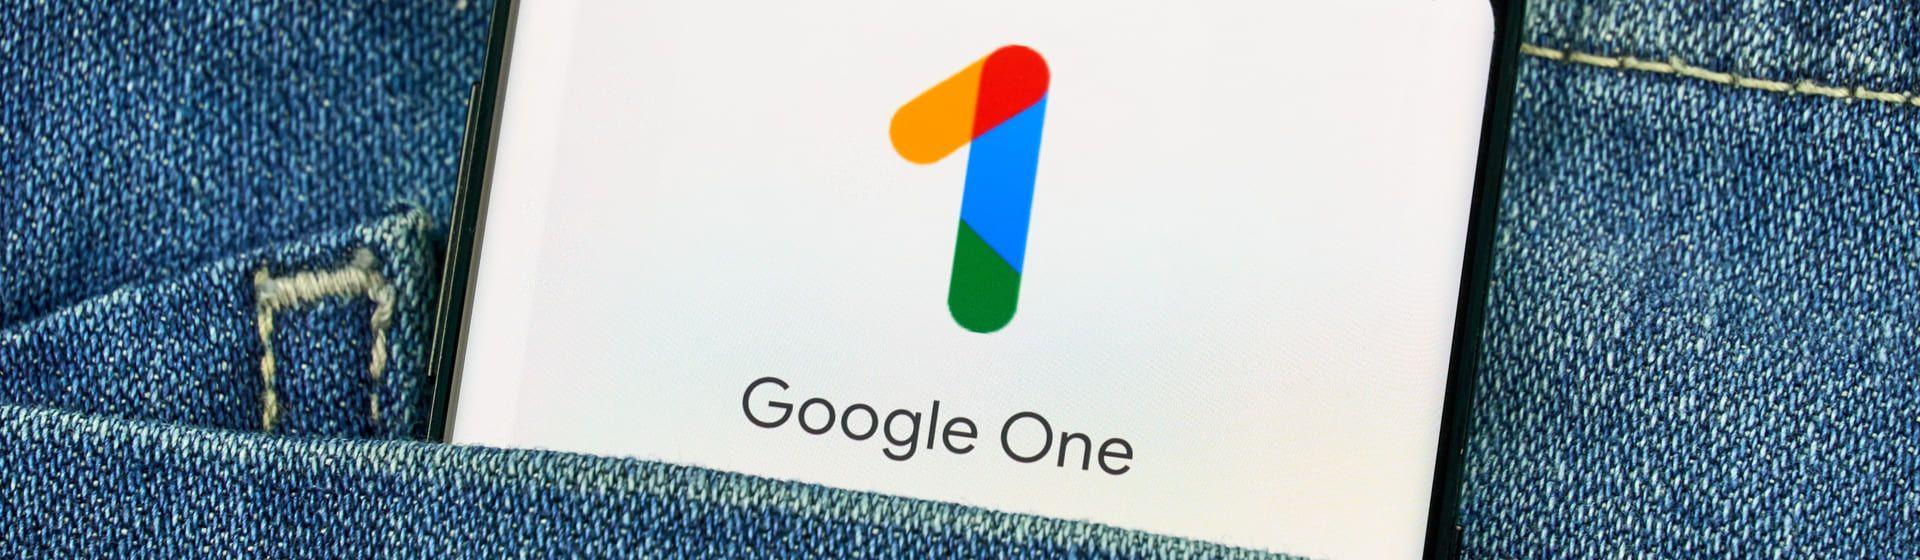 Google One vale a pena? O que é e como funciona o serviço